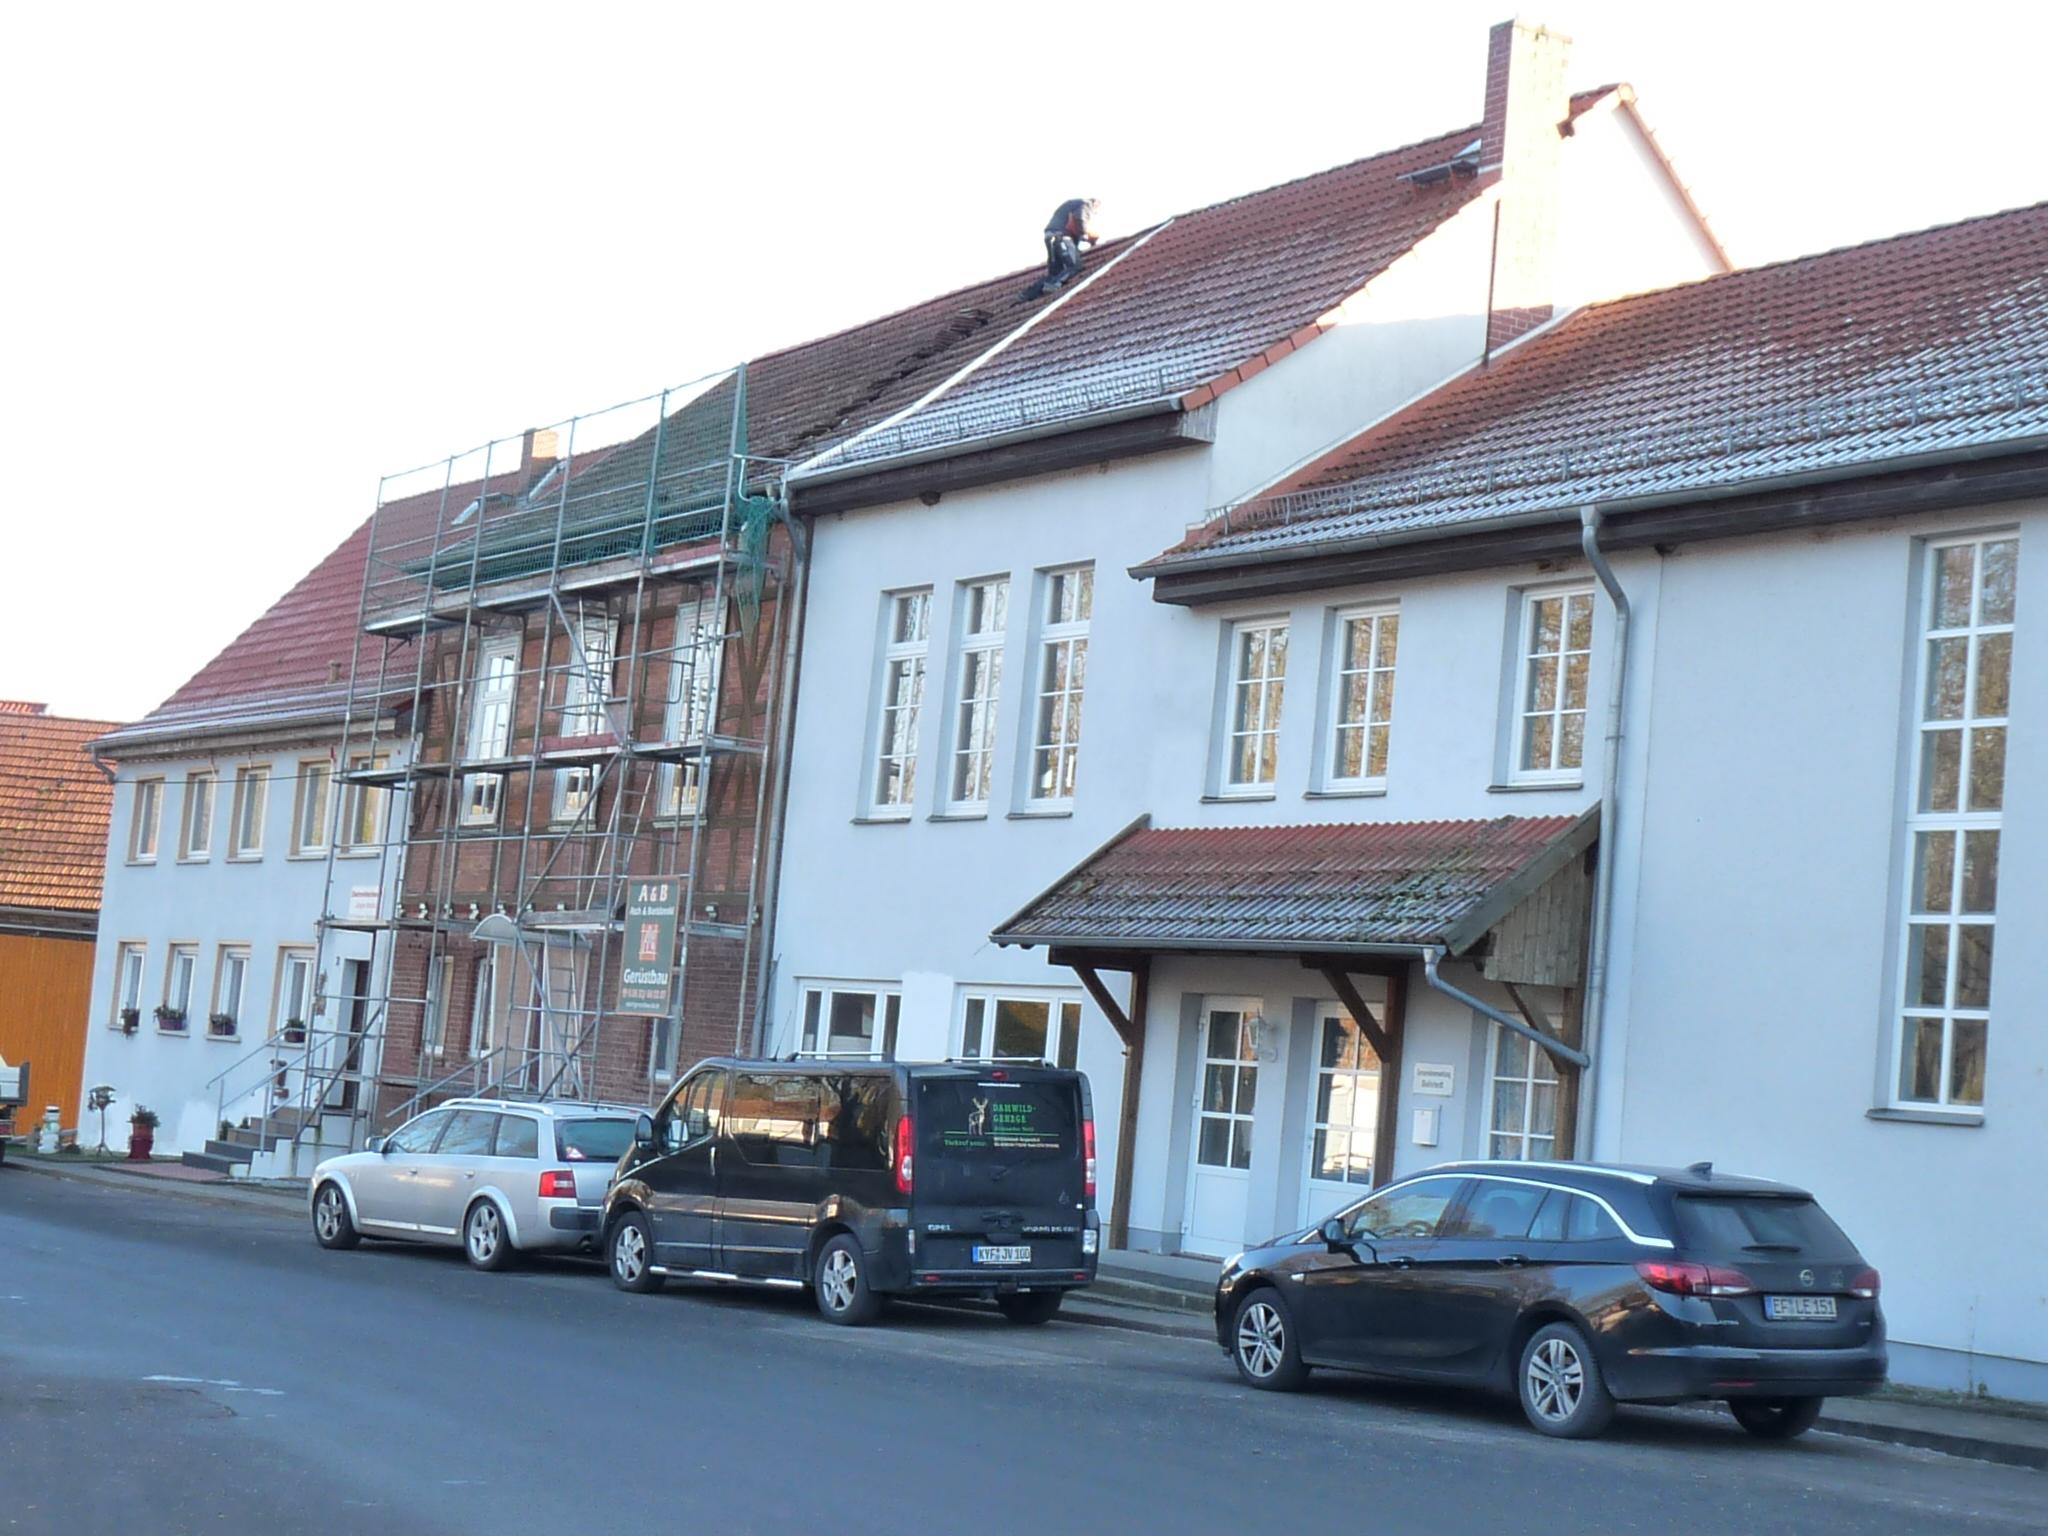 Dorfgemeinschaftshaus Bellstedt, RAG Kyffhäuser e.V.